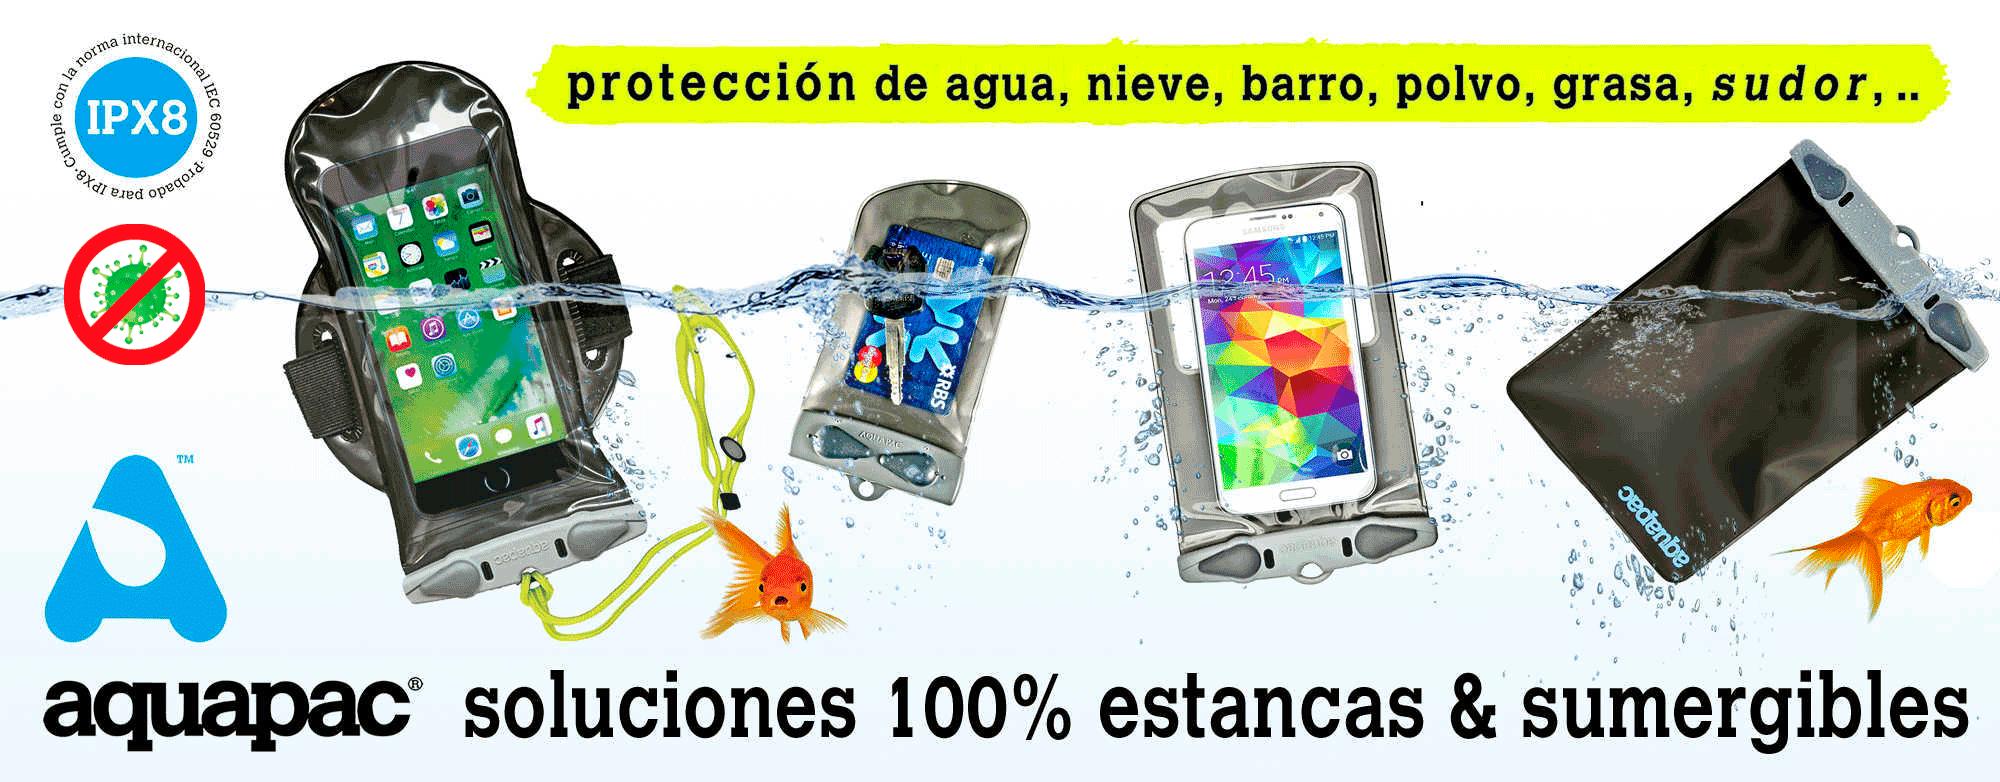 IPX8 Soluciones 100% estancas